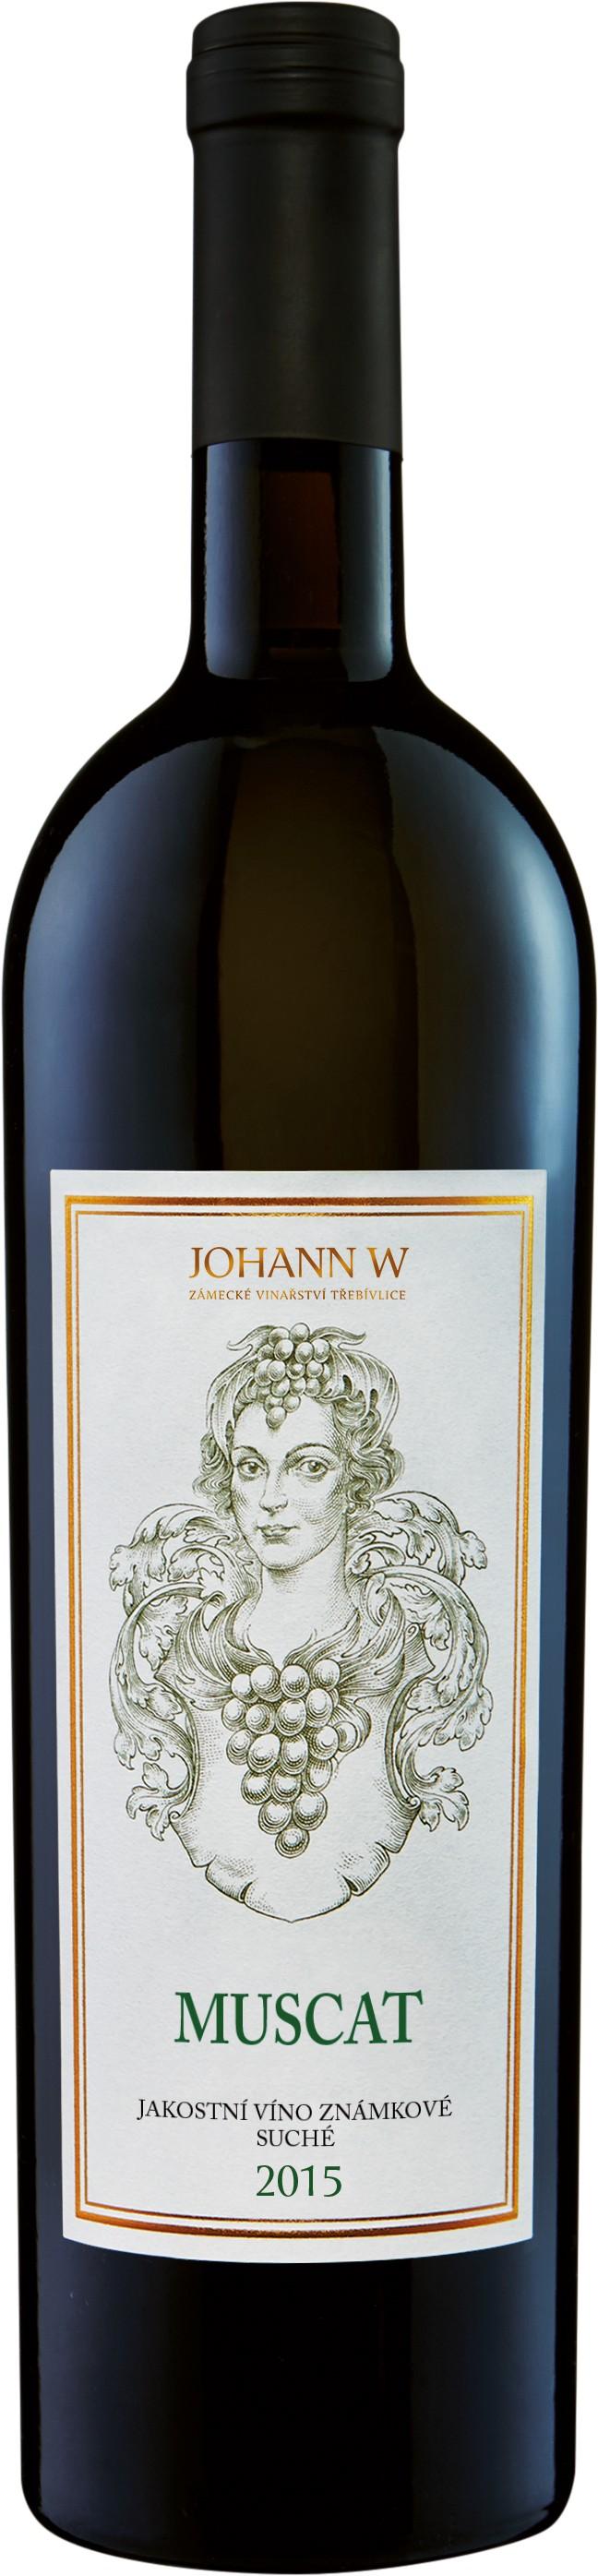 Muscat 2015, jakostní, známkové, suché, Vinařství Johann W - Třebívlice